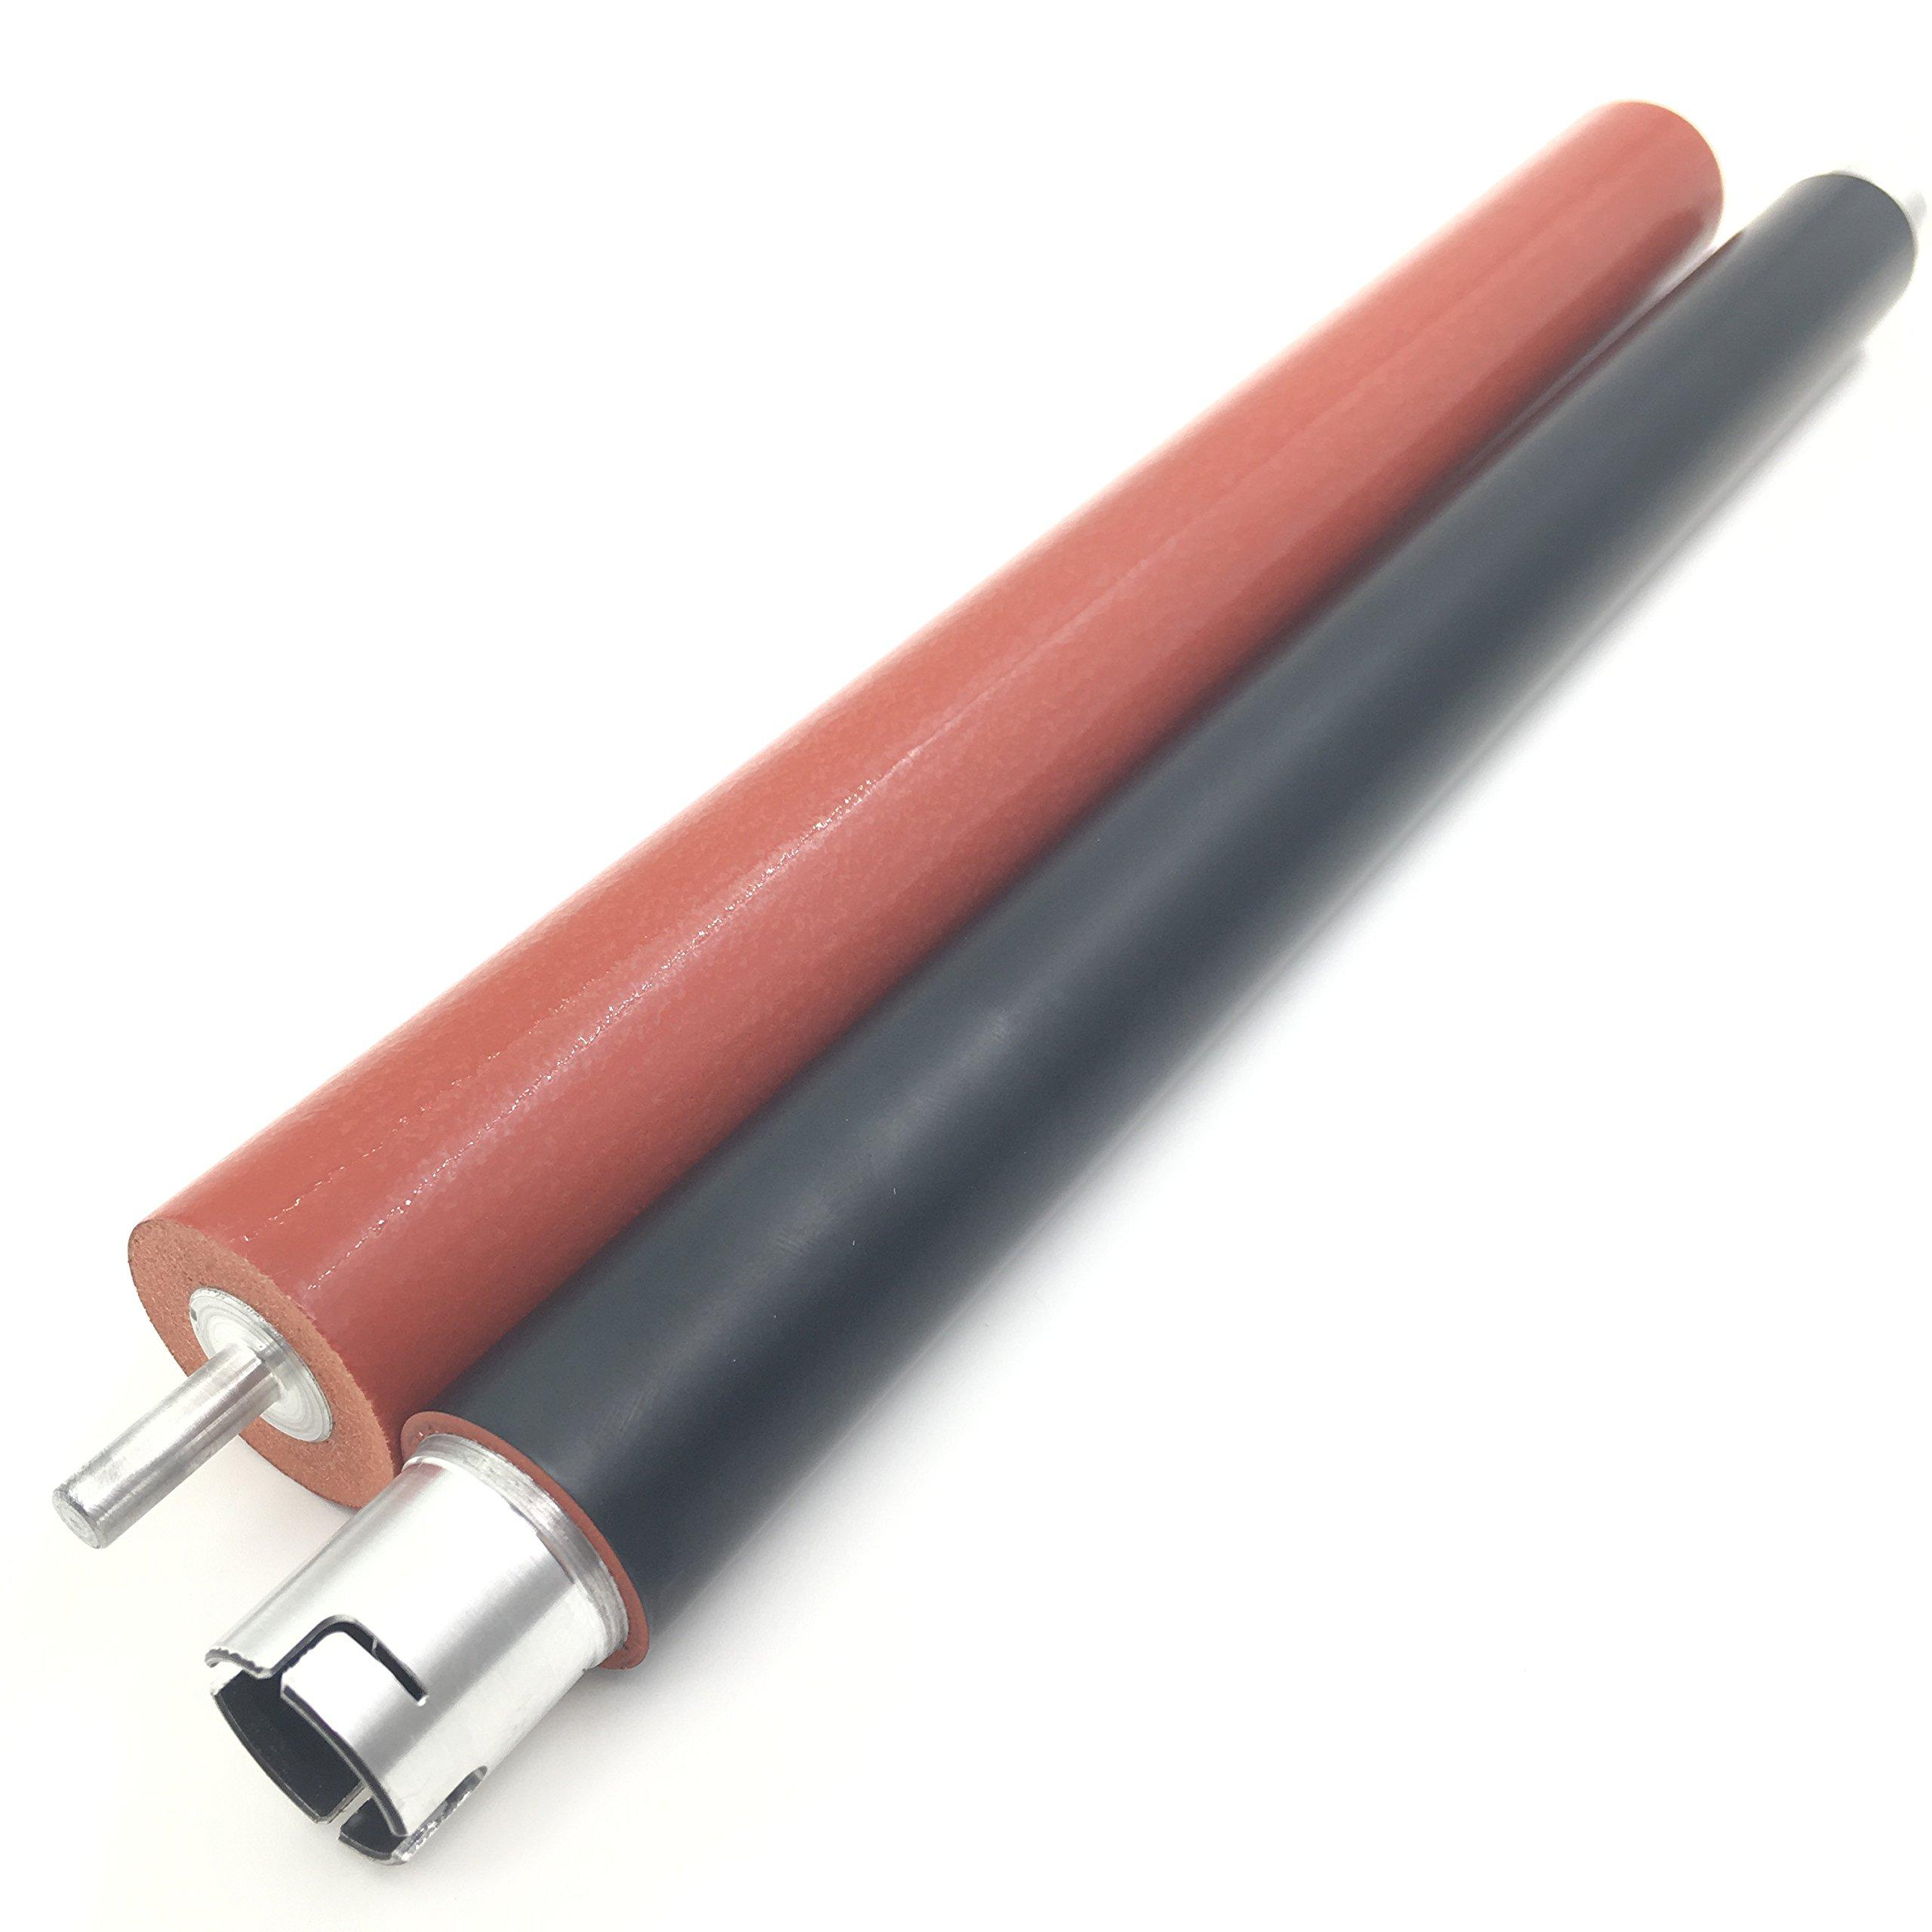 OKLILI LY6753001 LY6754001 Upper Fuser Roller Heat Roller + Lower Pressure Roller for Brother HL3140 HL3170 MFC9130 MFC9330 MFC9340 HL3150 MFC9140 HL3100 DCP9020